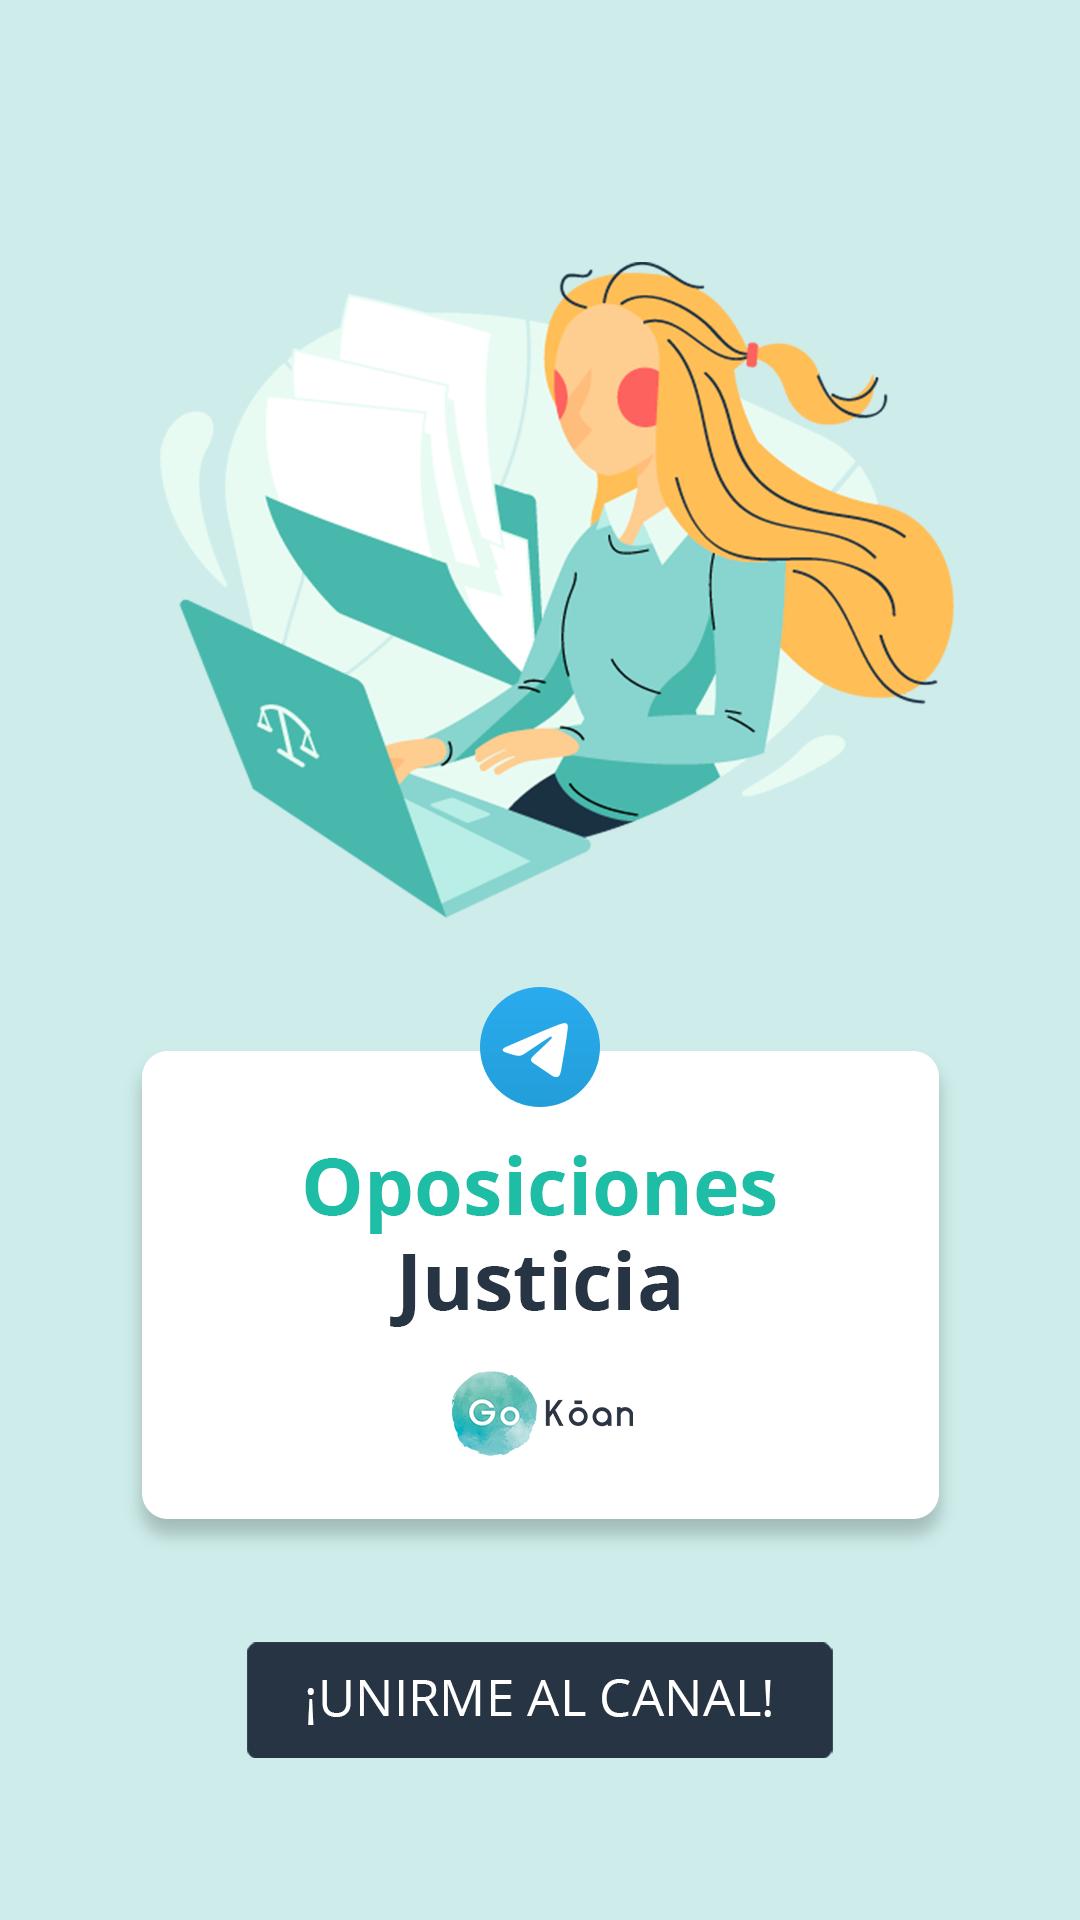 Canal De Gokoan En Telegram Oposiciones Justicia Auxilio Tramitación Y Gestión Administracion De Justicia Oposicion Gestion